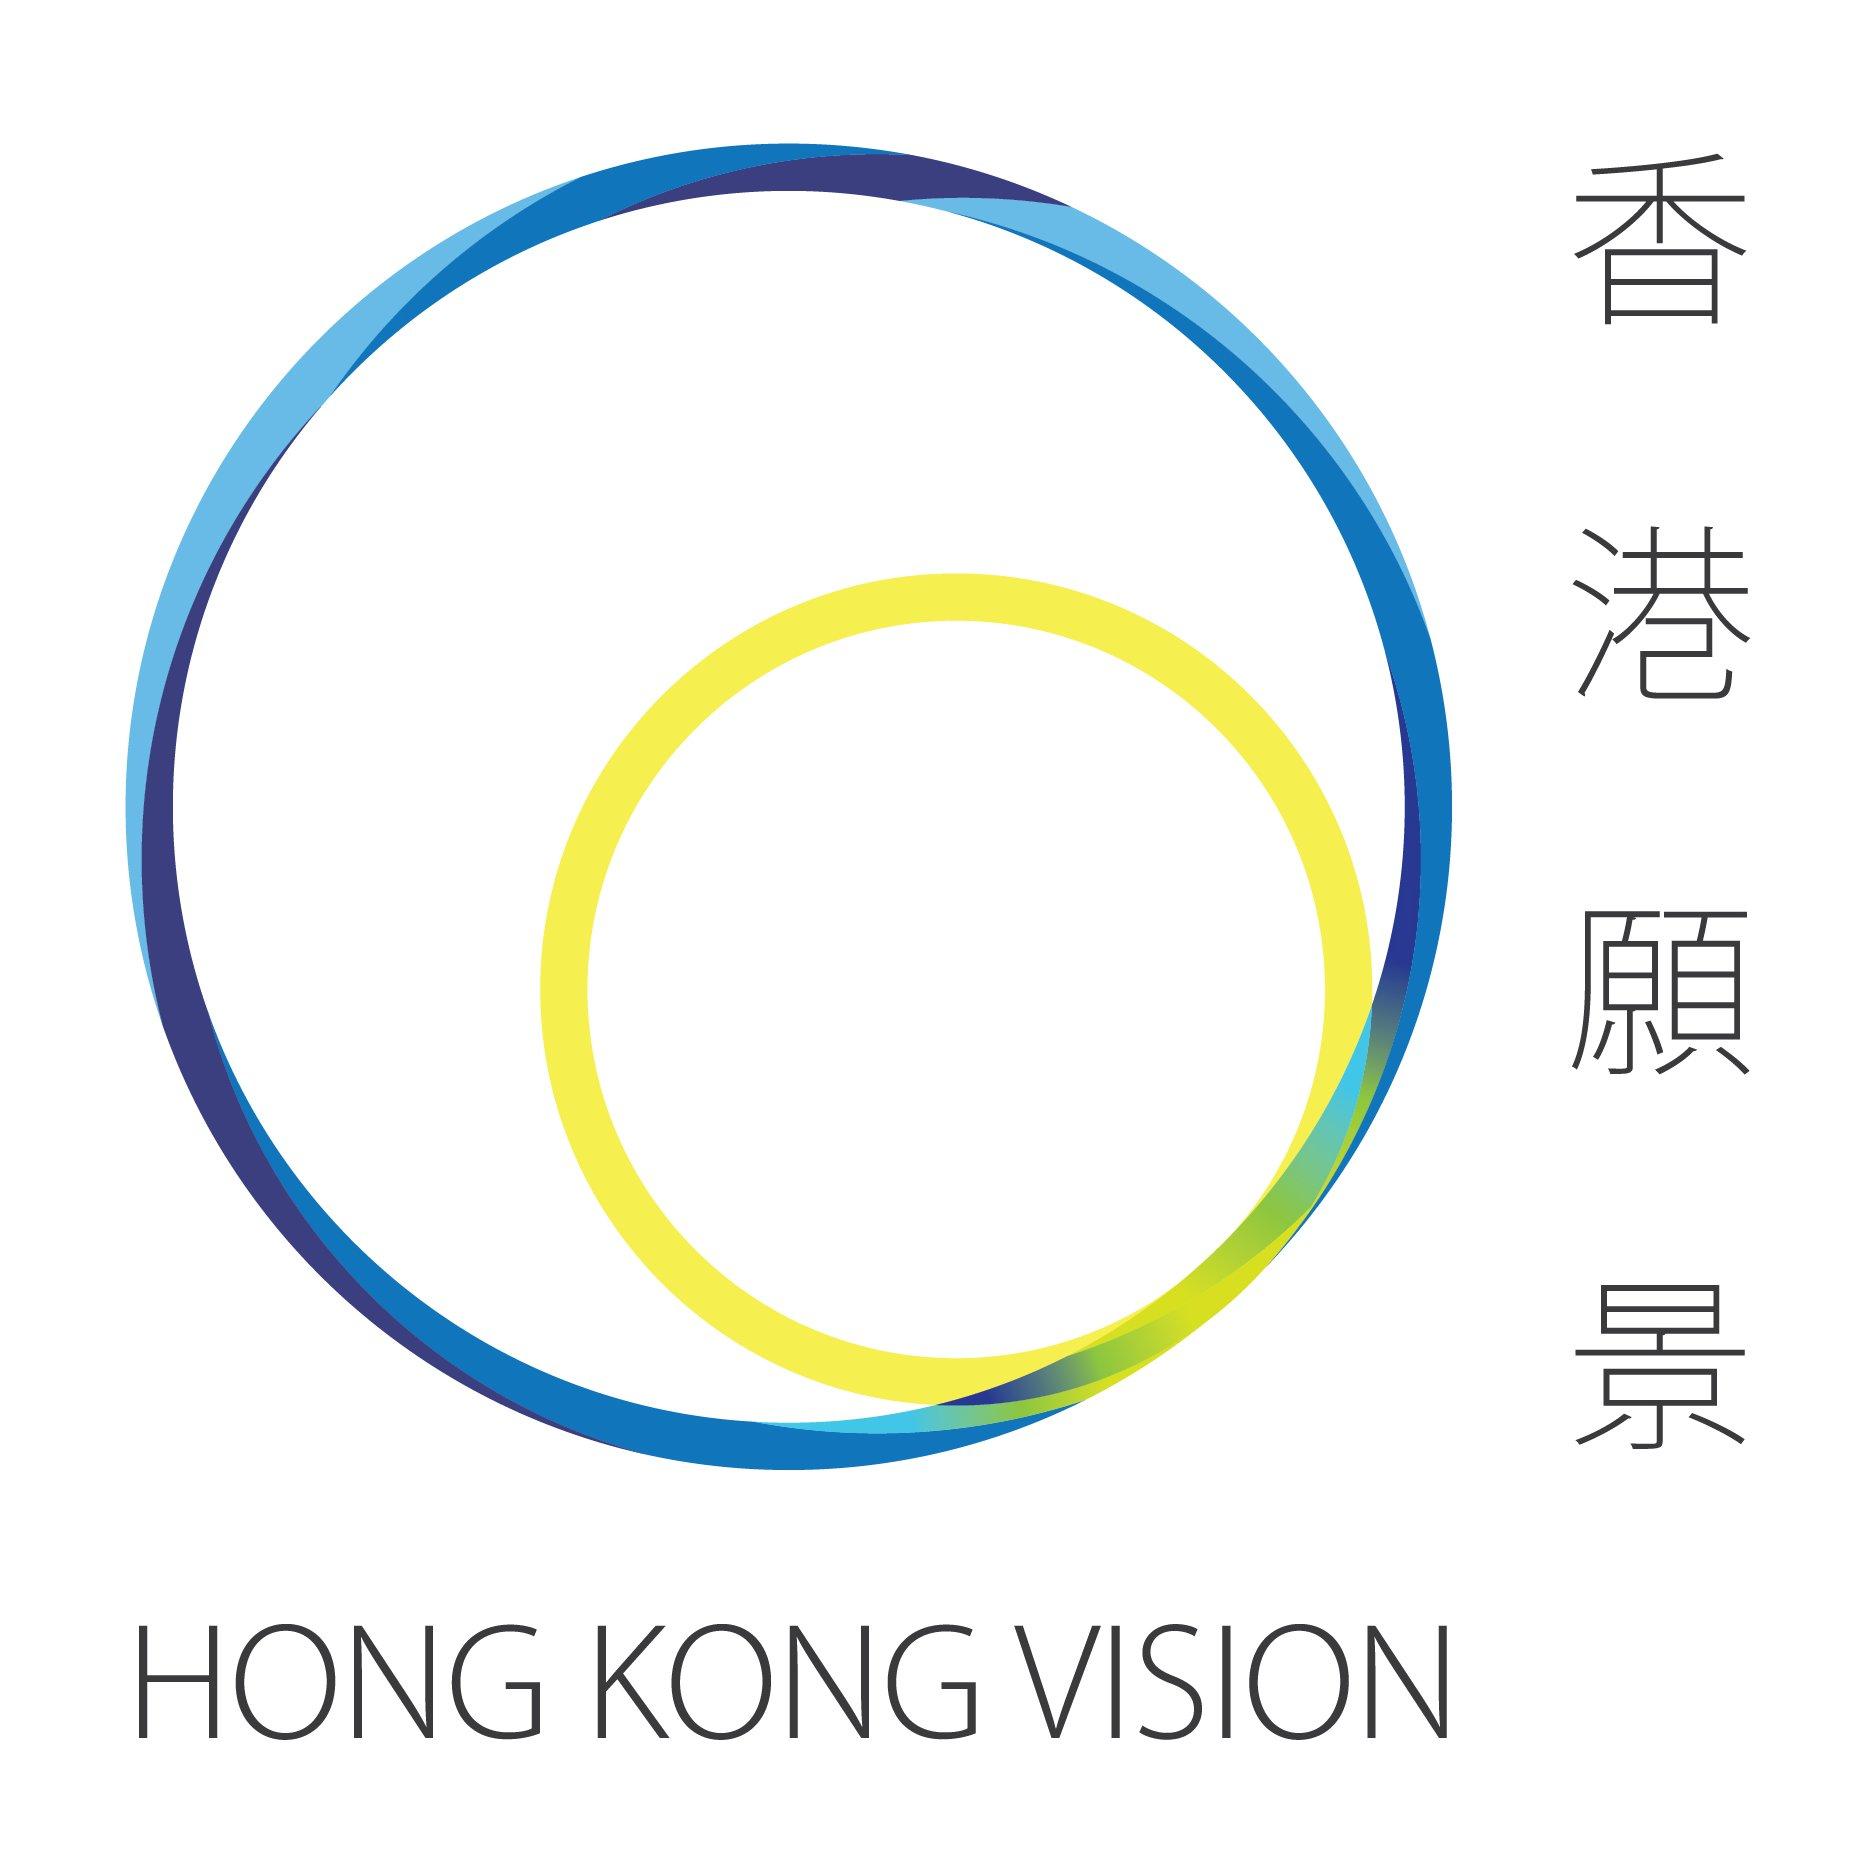 @HongKongVision